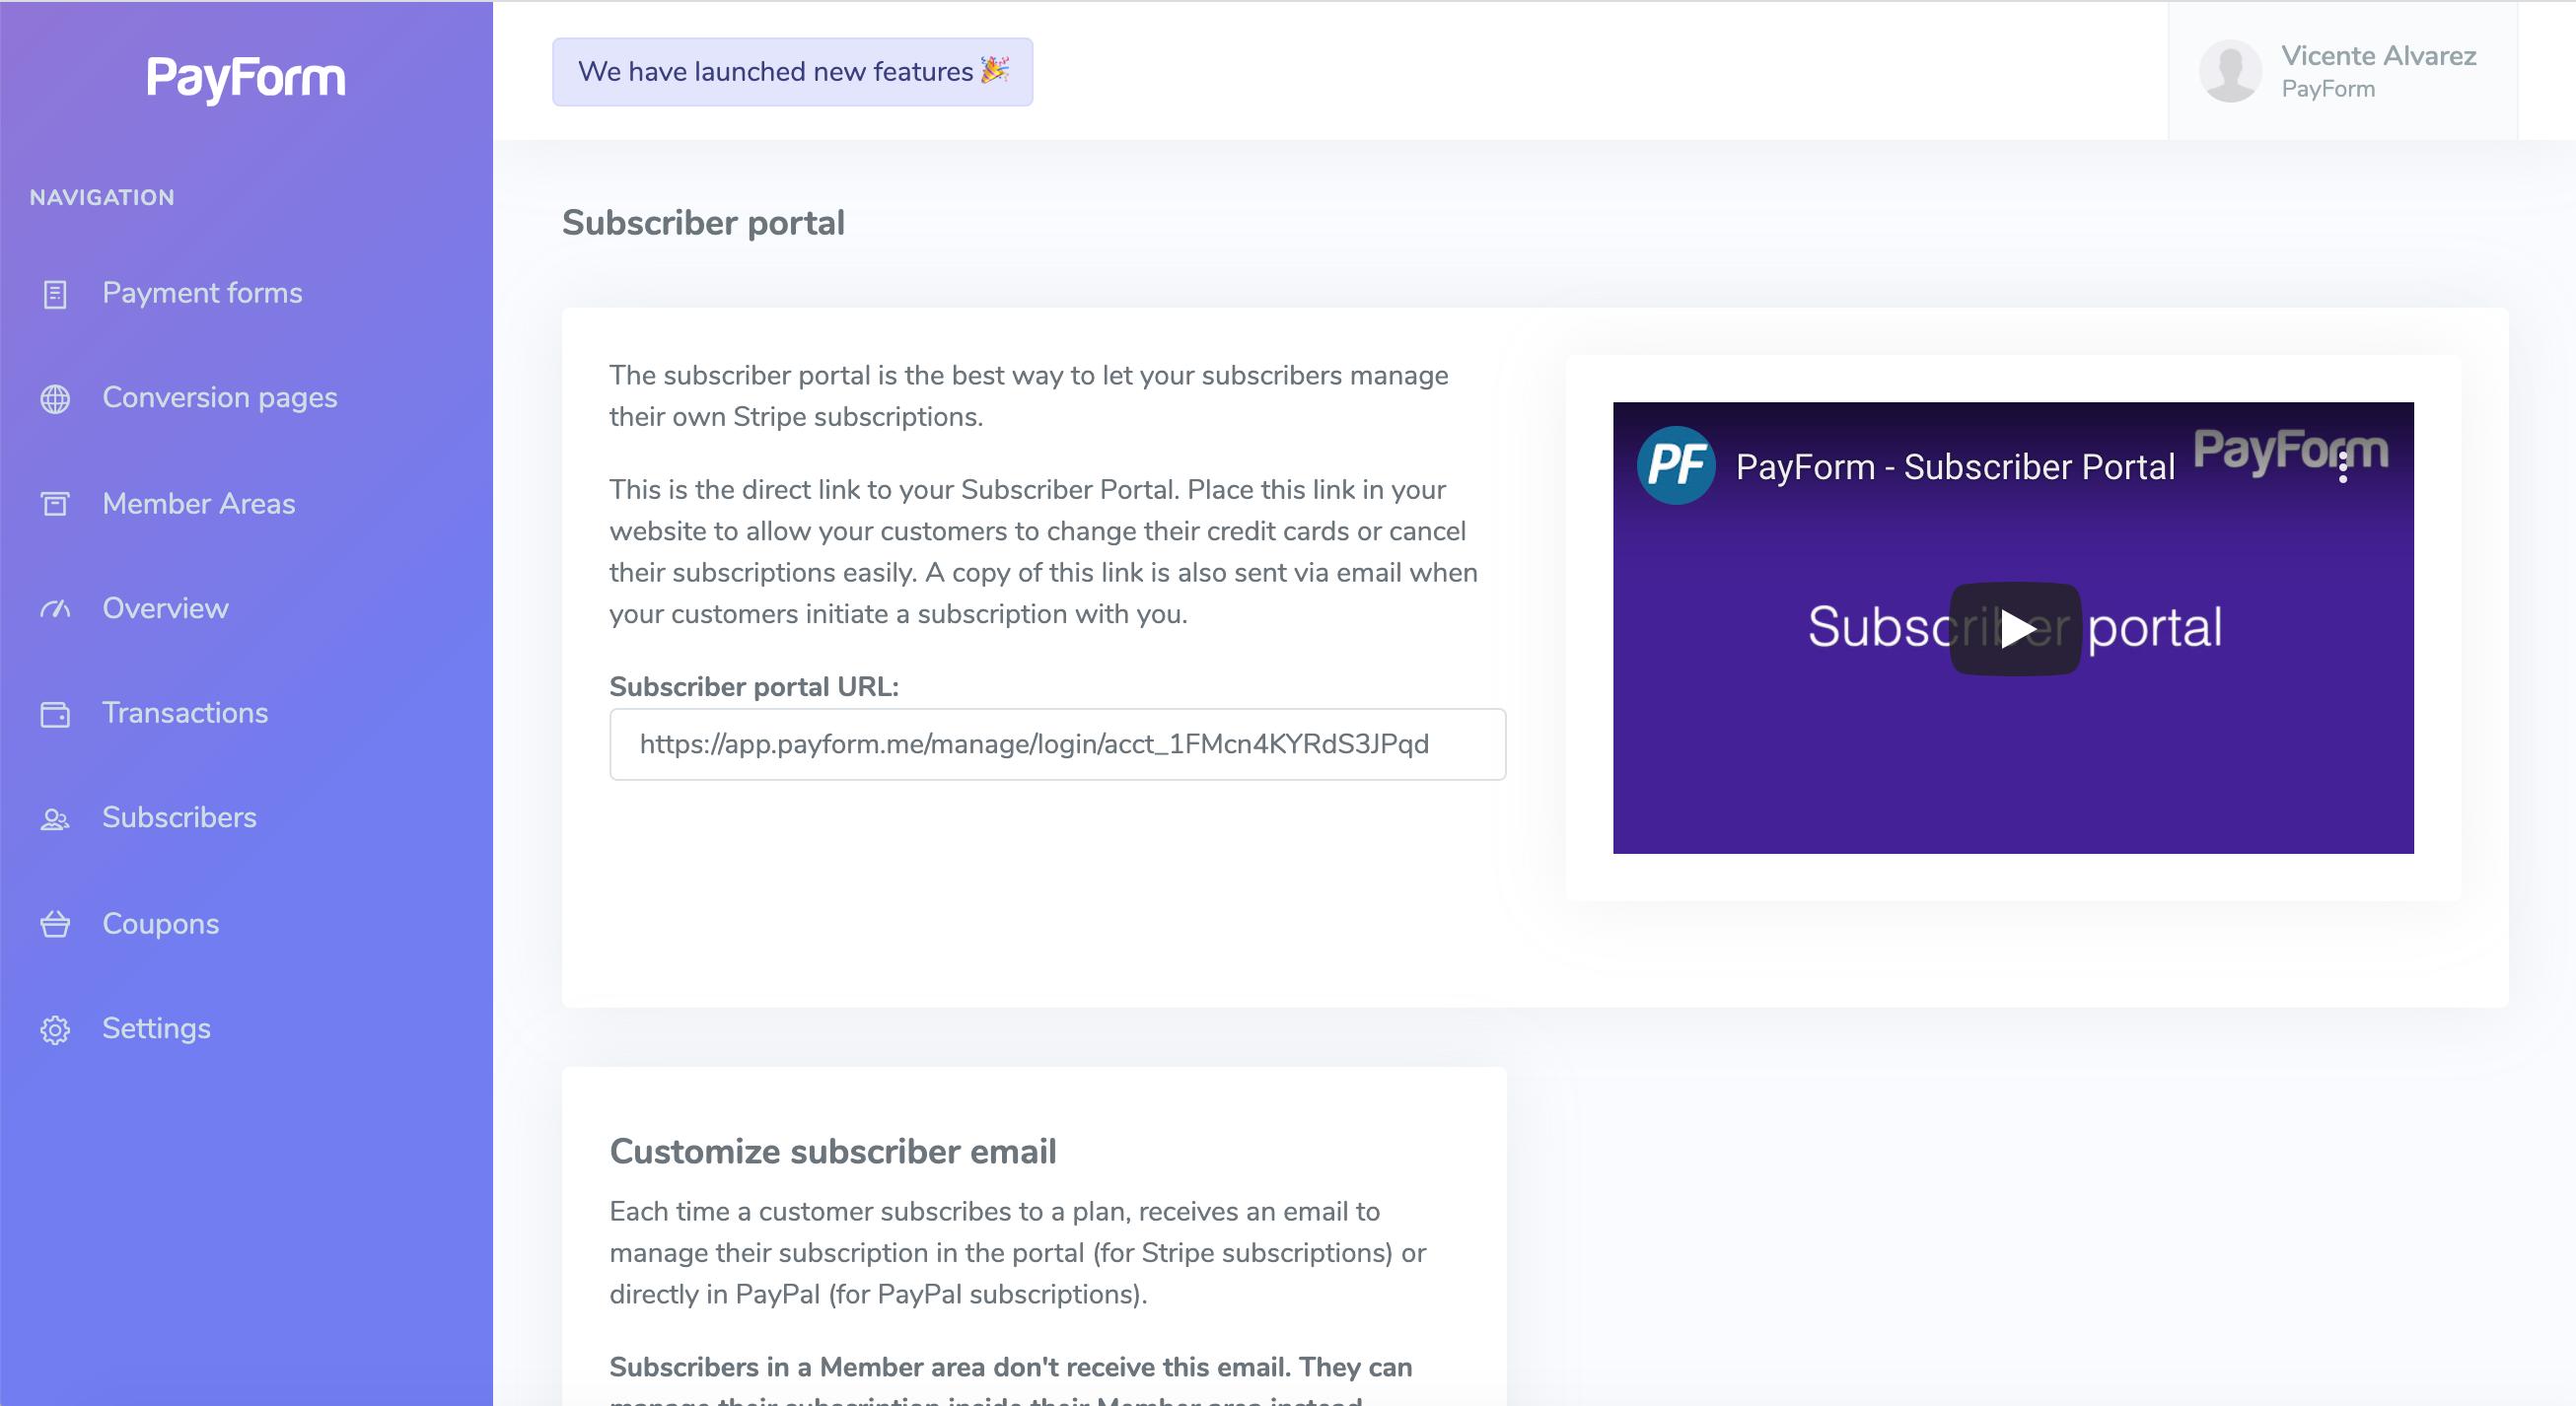 Subscription Portal